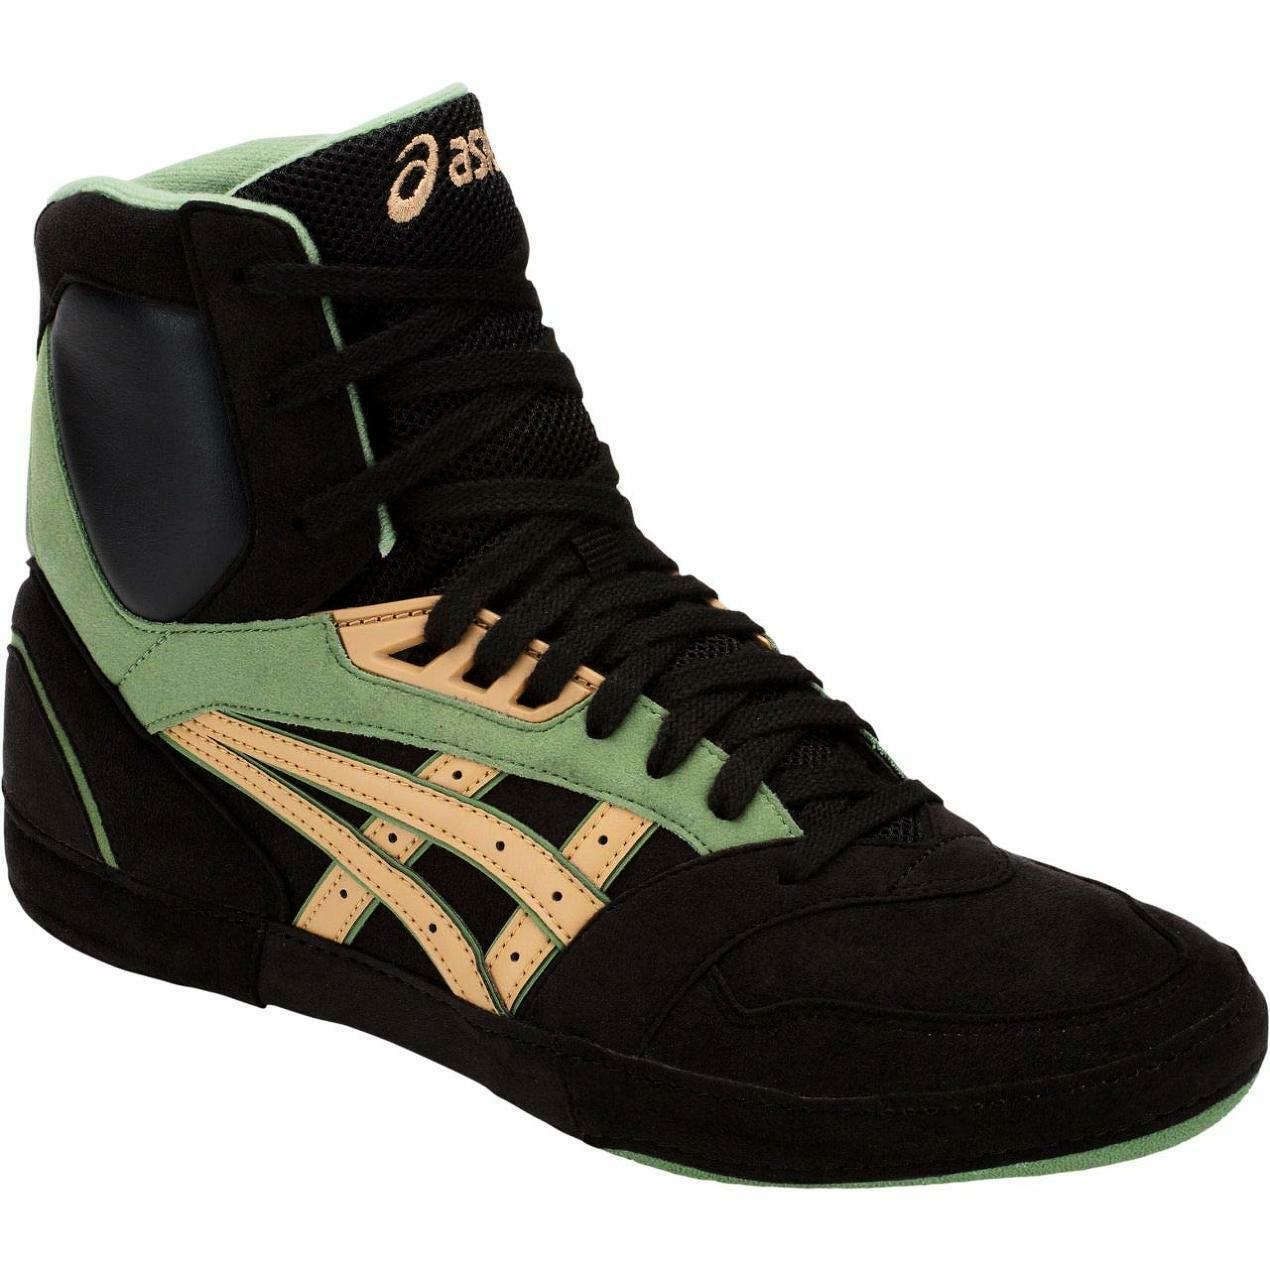 ASICS Mens International Lyte Wrestling shoes - Choose SZ color